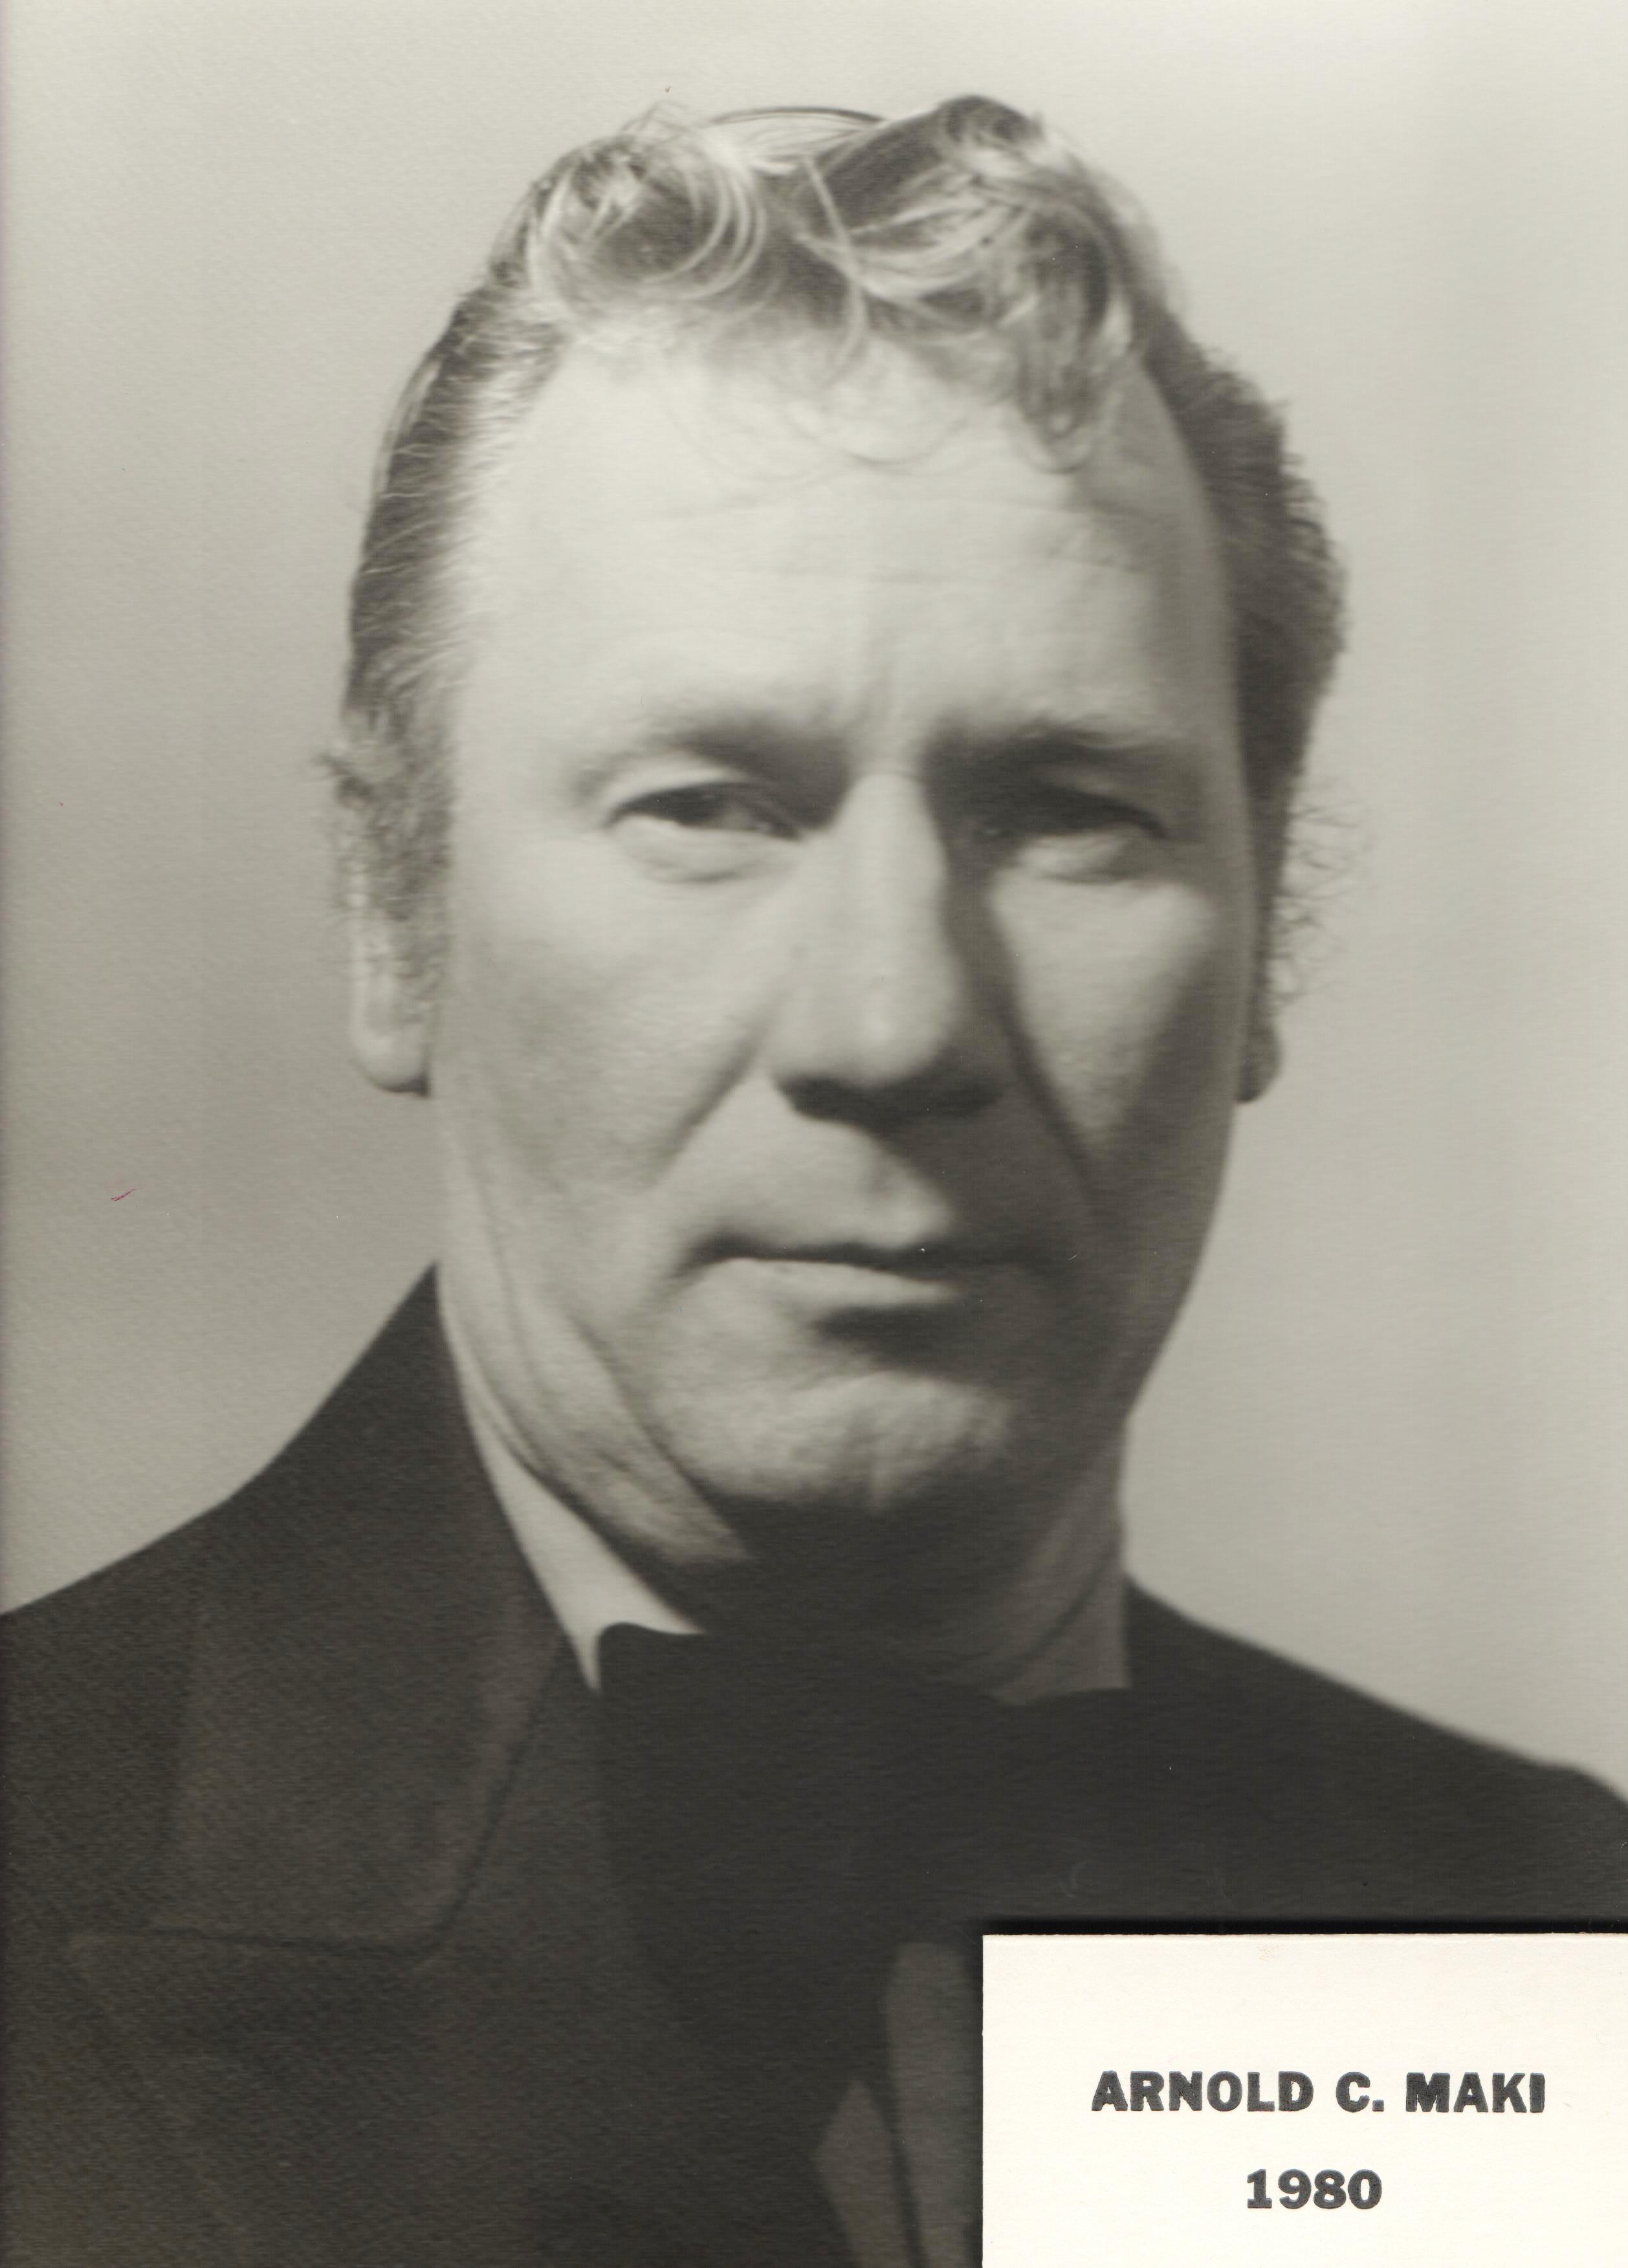 1980 Arnold C. Maki